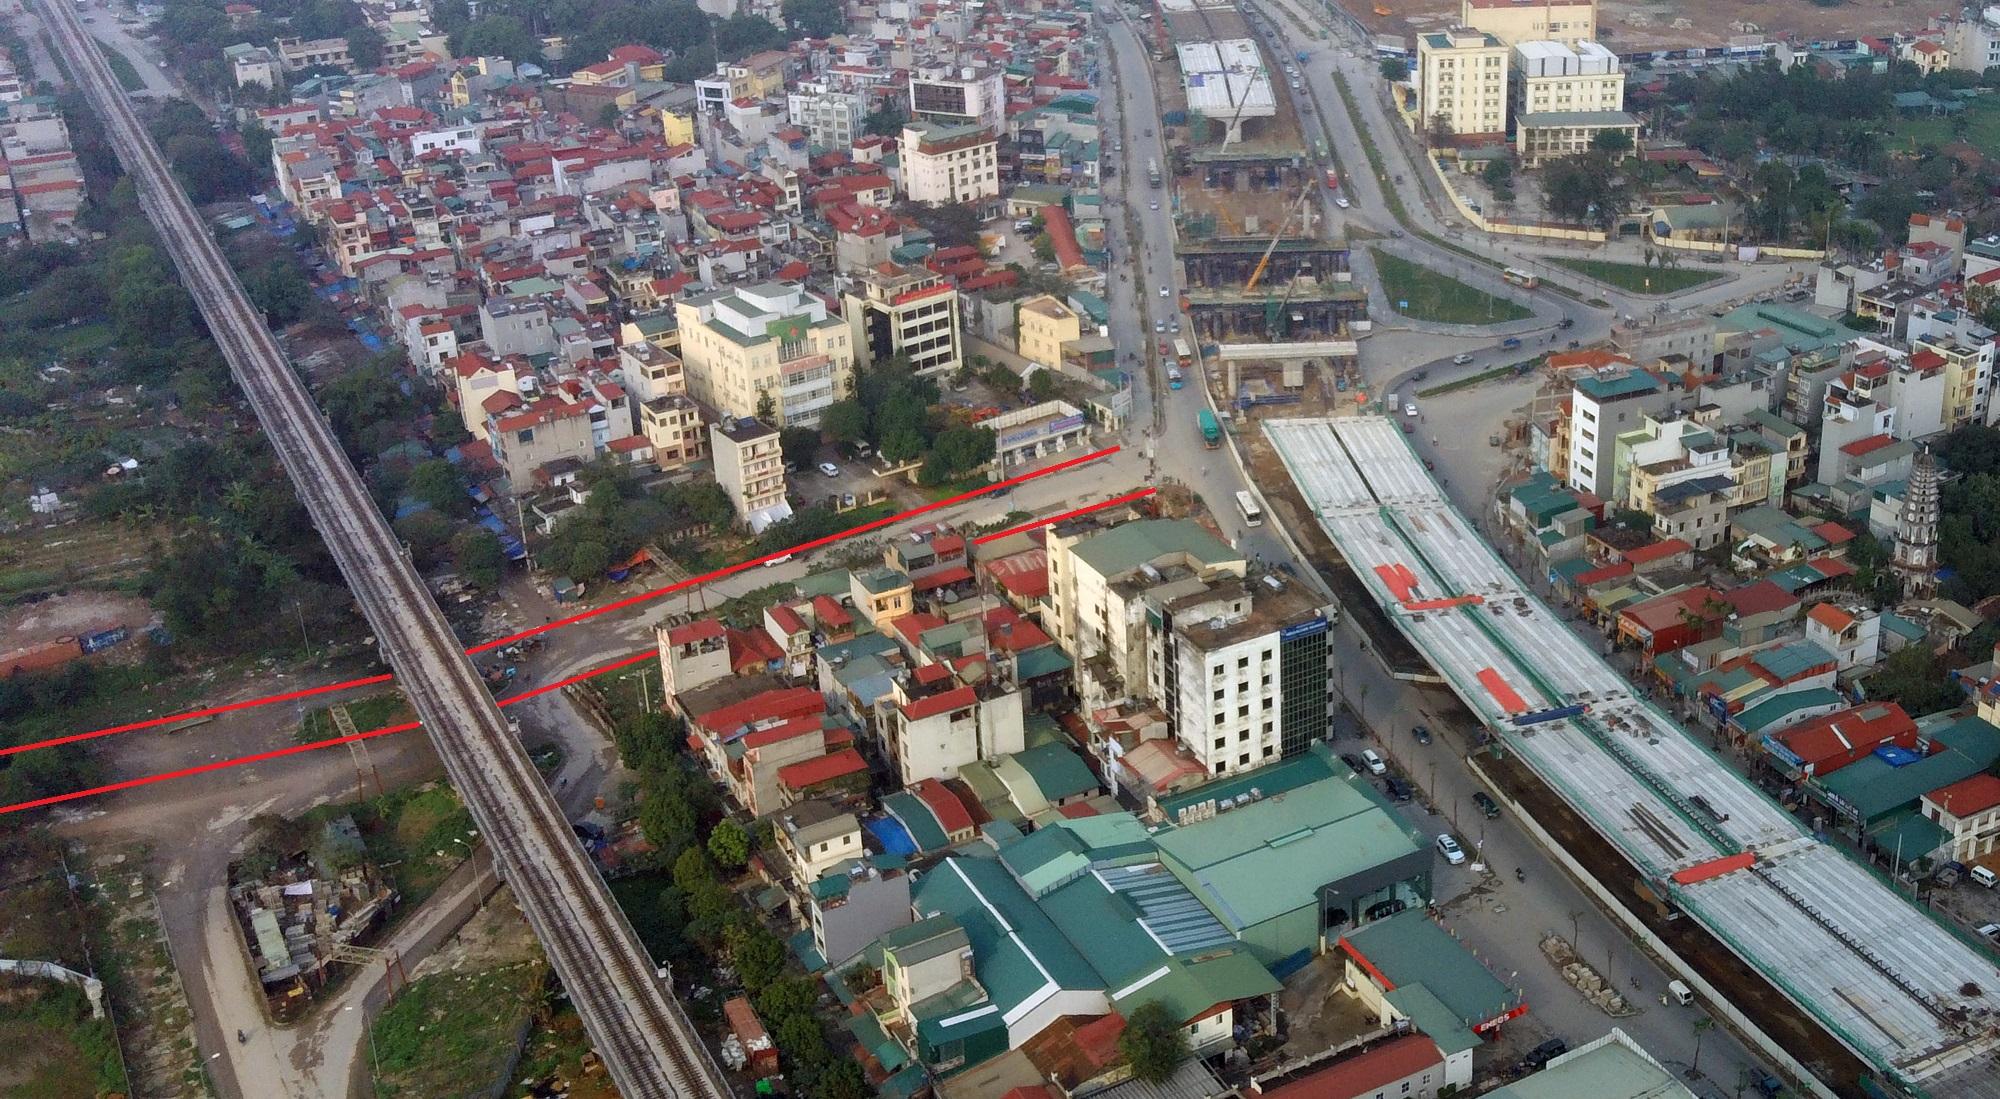 3 đường sẽ mở theo qui hoạch ở phường Xuân Đỉnh, Bắc Từ Liêm - Ảnh 3.